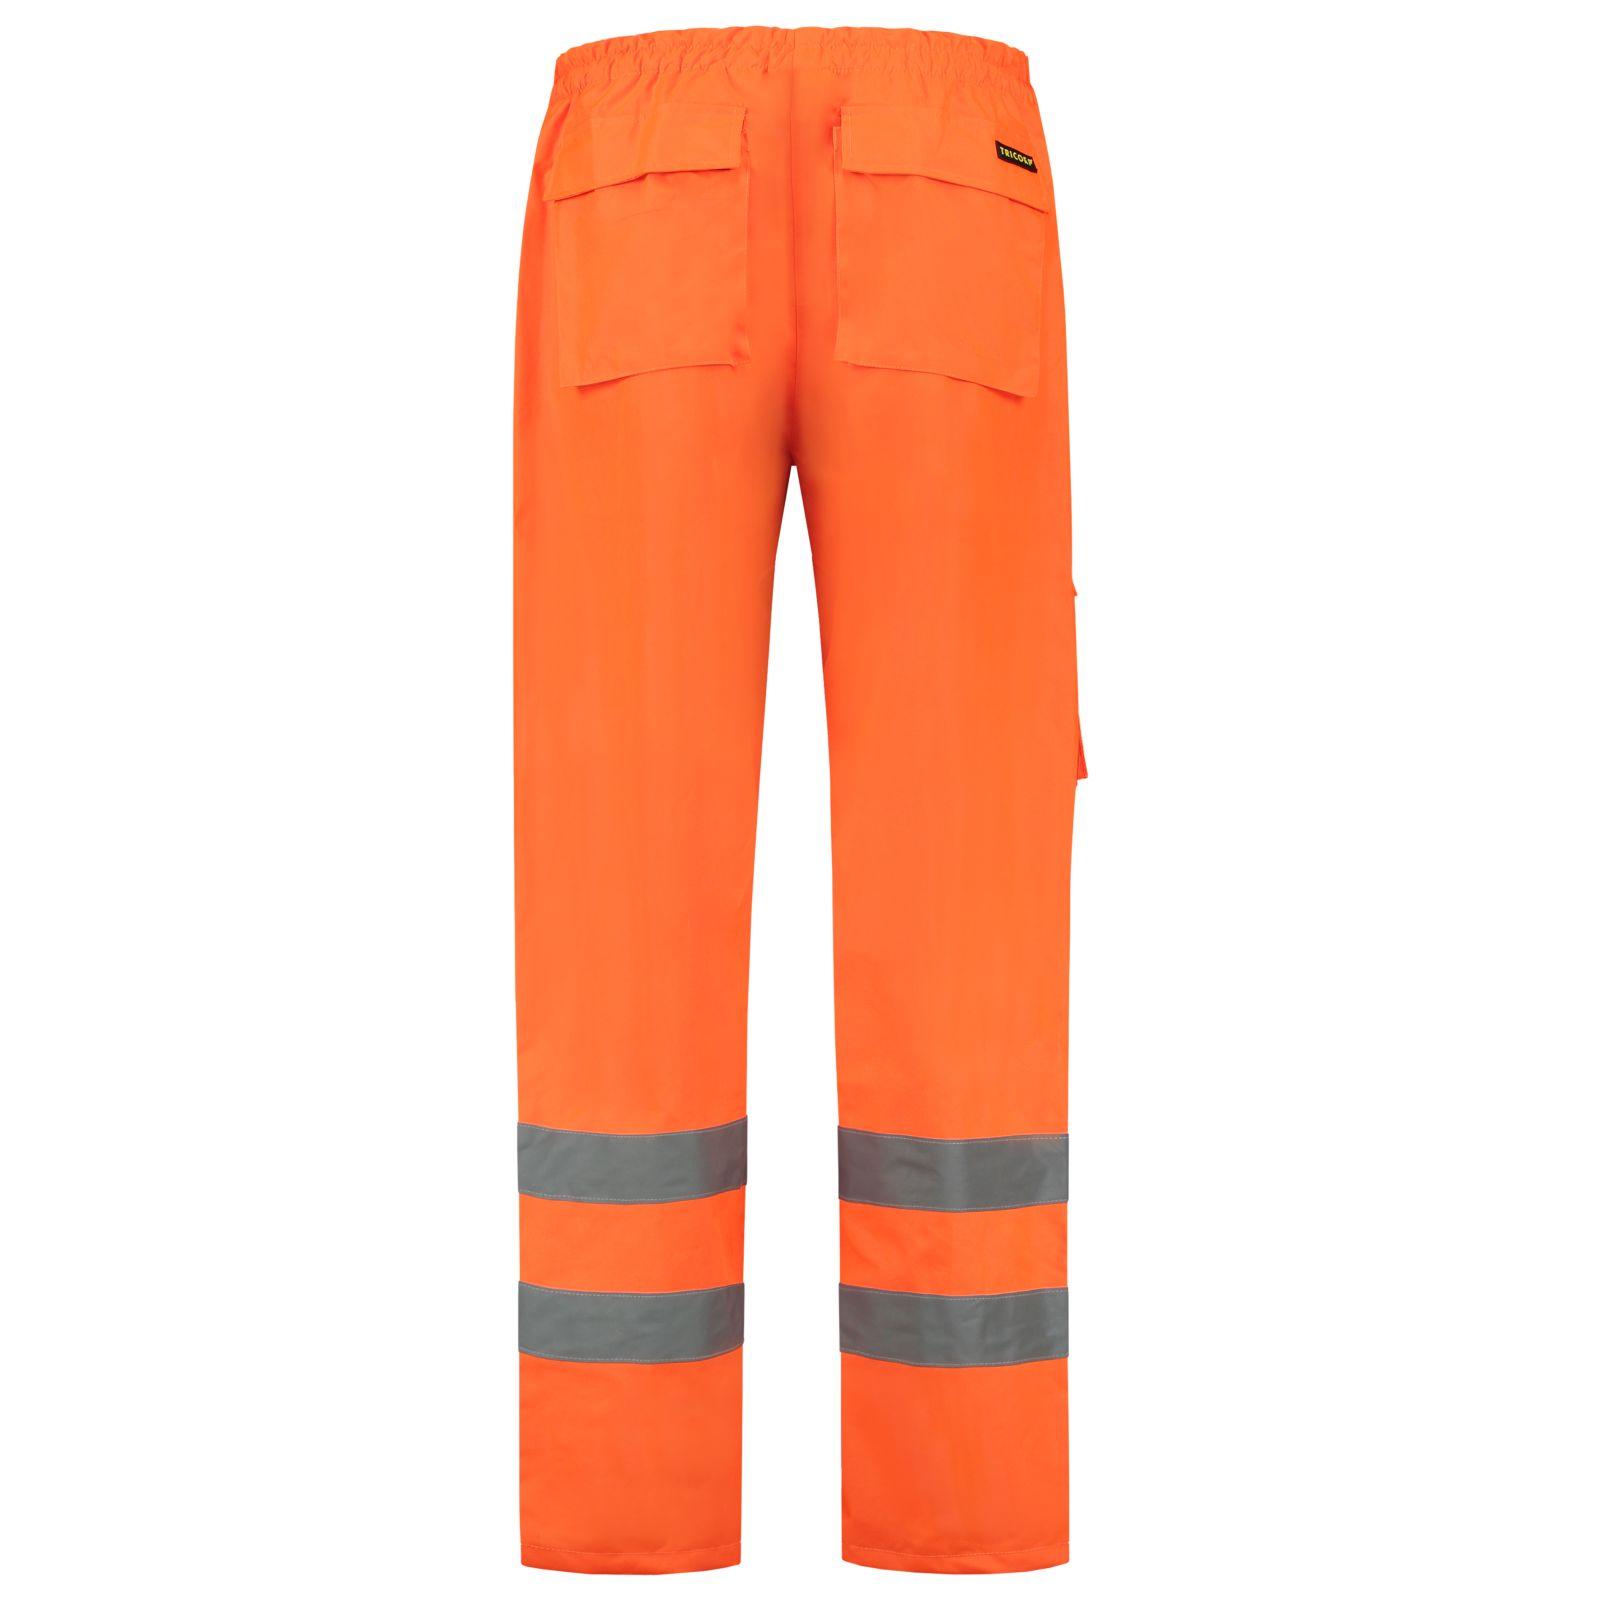 Tricorp Safety Broeken 503001-TPA3001 High Vis- RWS fluo-oranje(Orange)